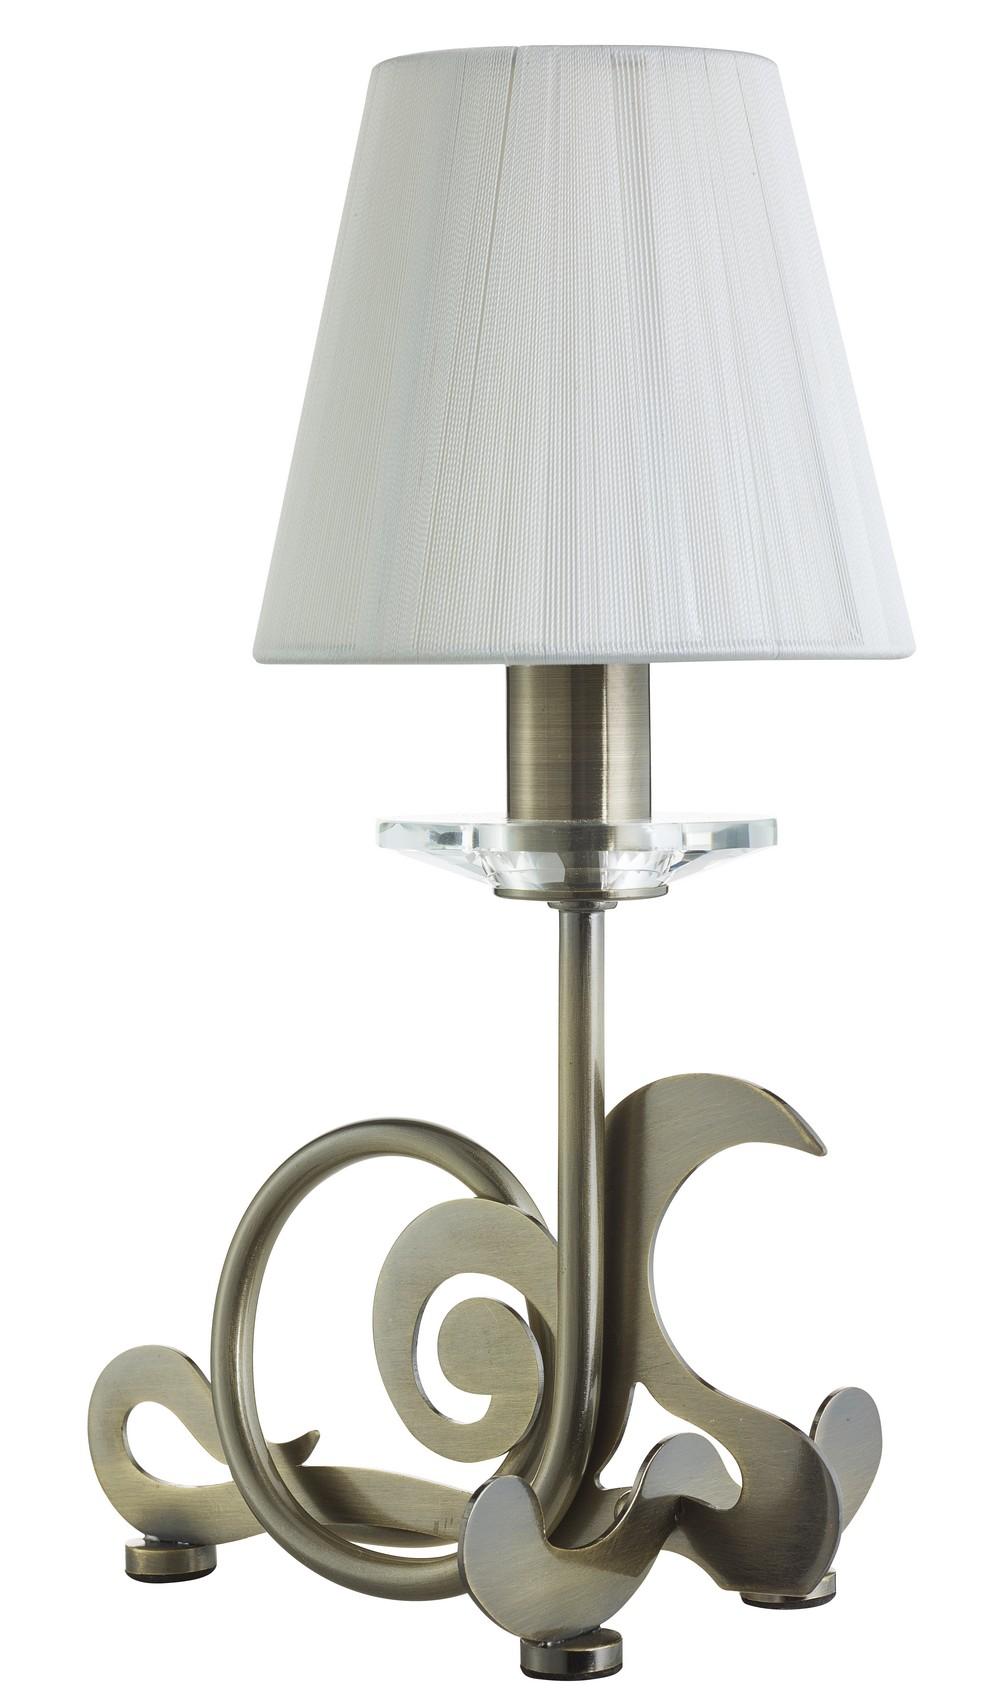 Лампа настольная Arte lamp Lizzy a9531lt-1ab бра arte lamp lizzy a9531lt 1ab